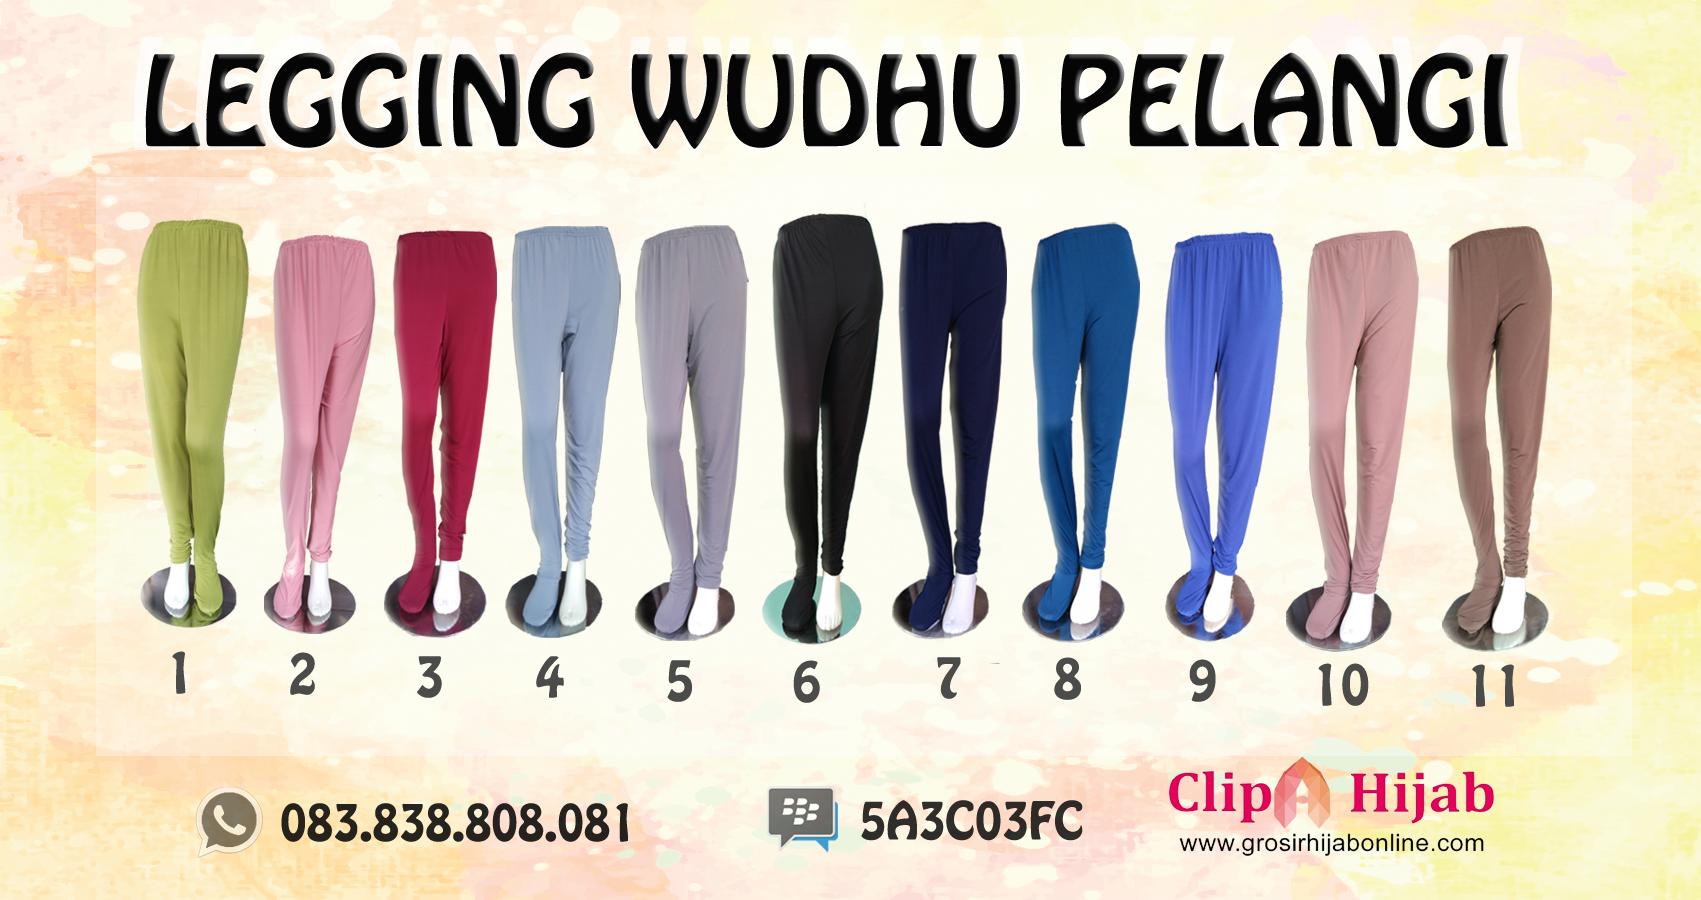 Celana Hijab Terbaru , Legging Wudhu Pelangi